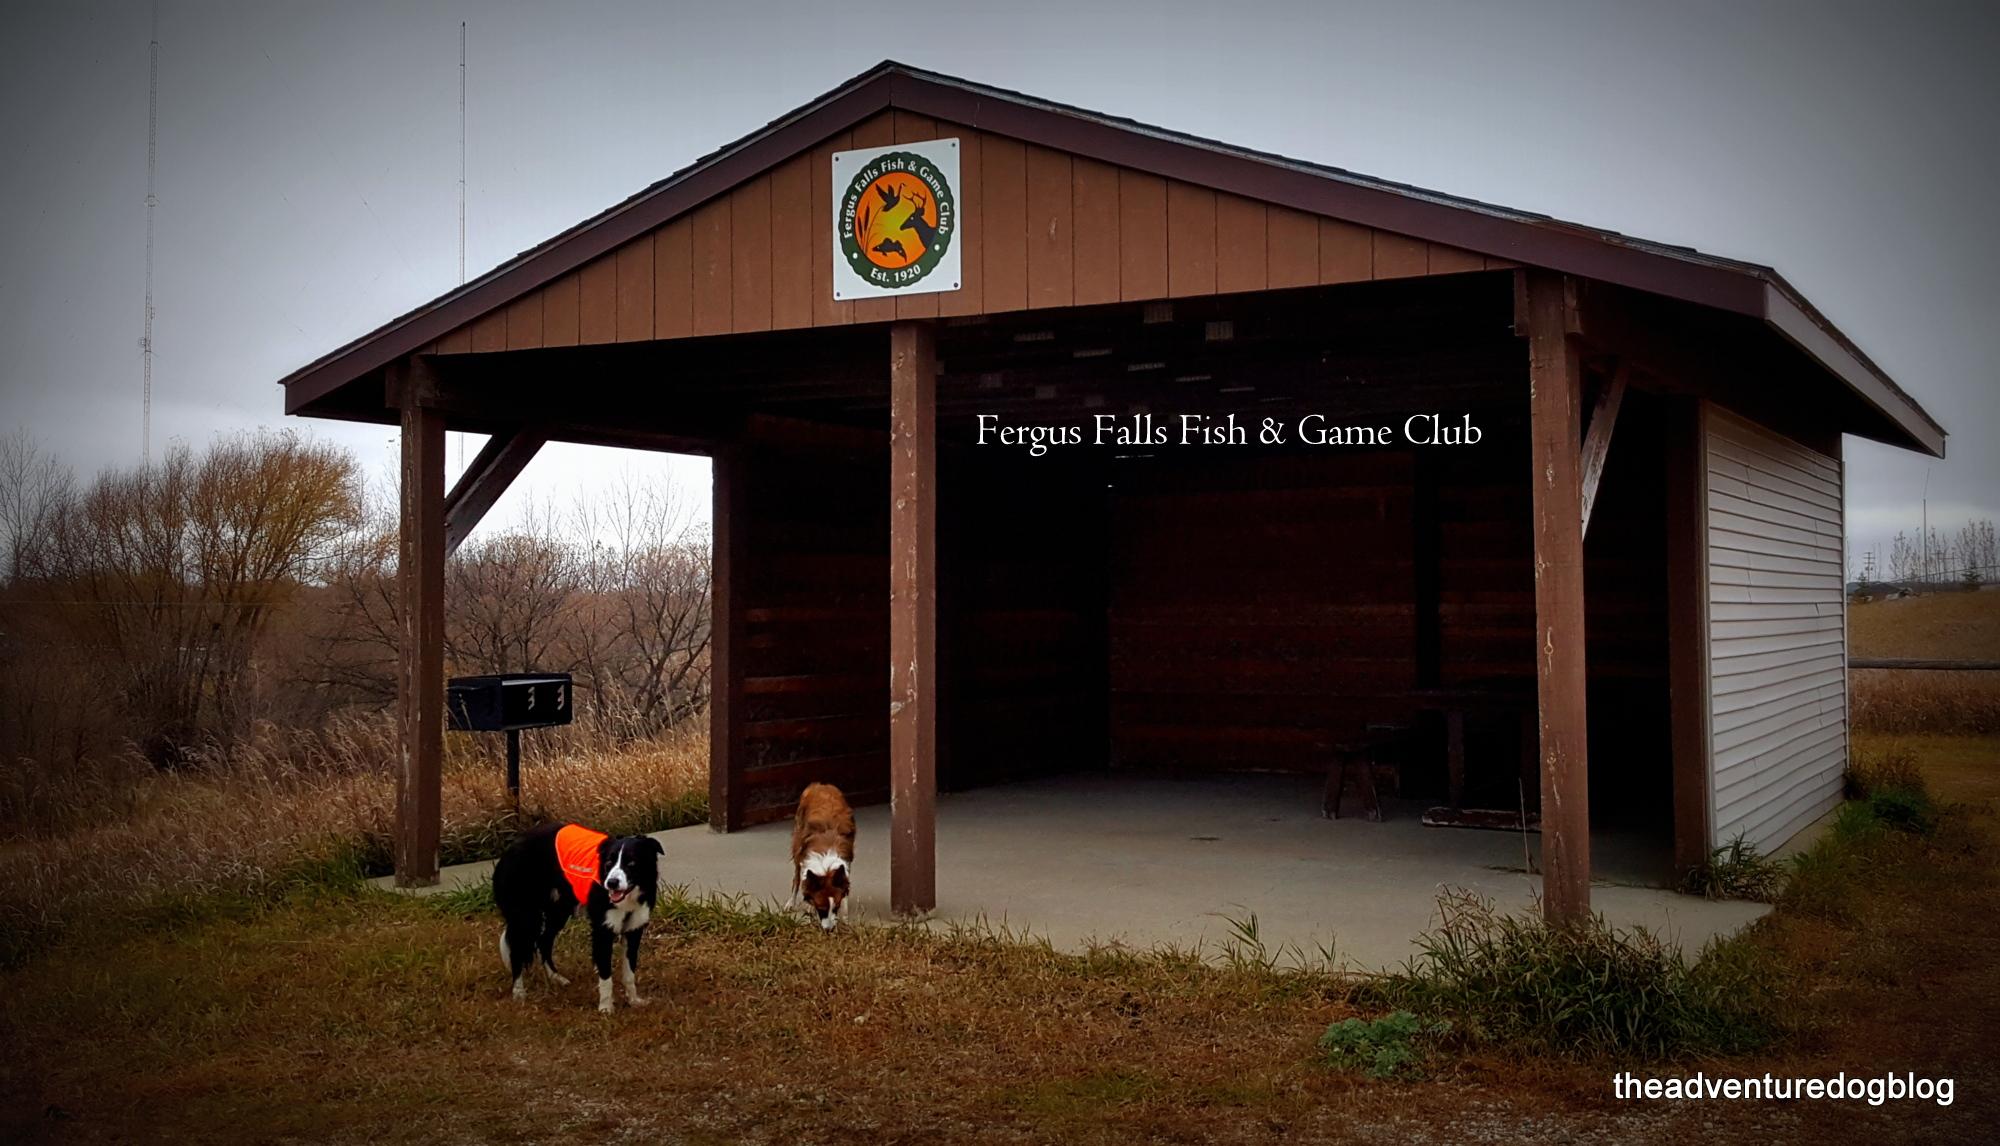 Fergus Falls Fish & Game Club